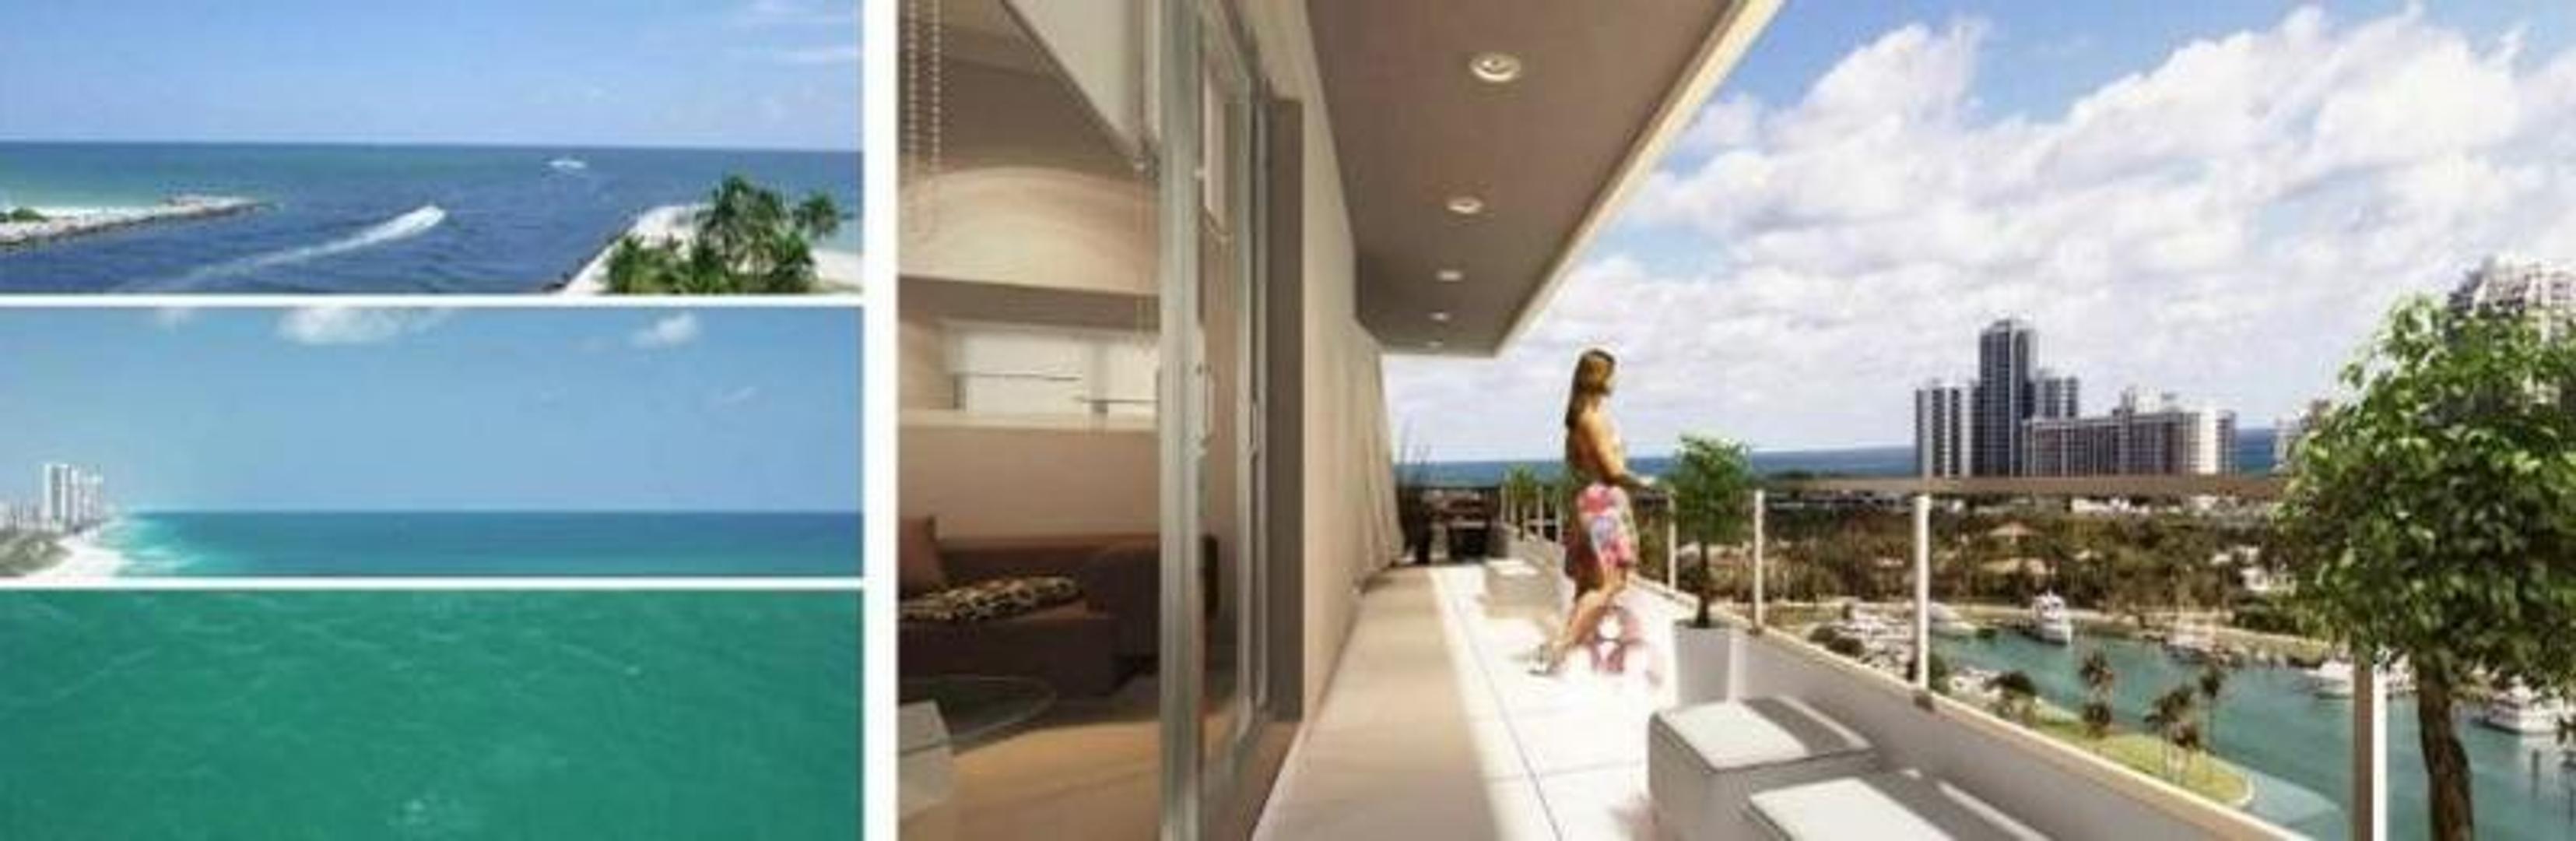 Departamento en venta 3 ambientes - Harbour 20Park - Miami